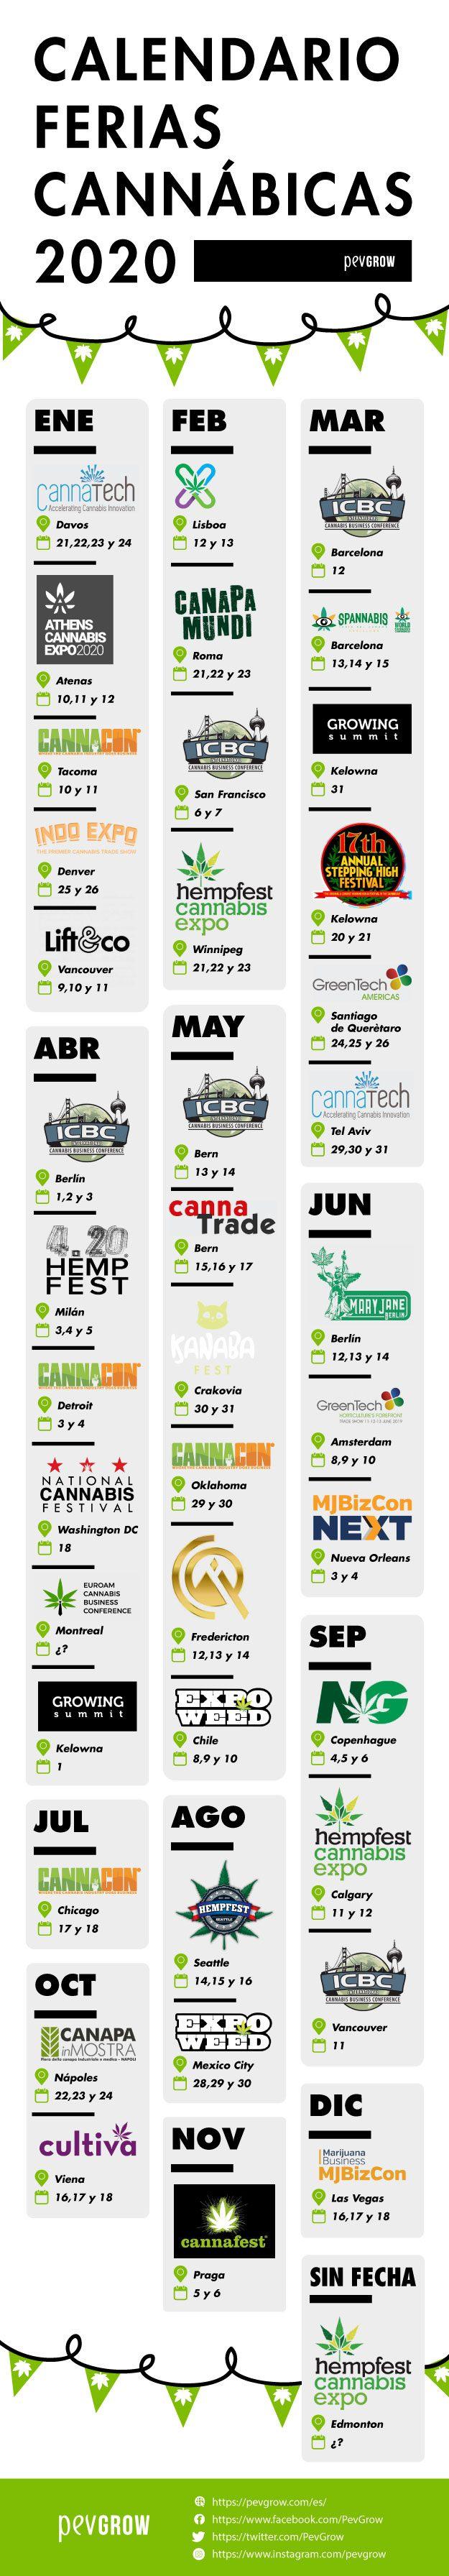 Infografía sobre calendario de las ferias del cannabis